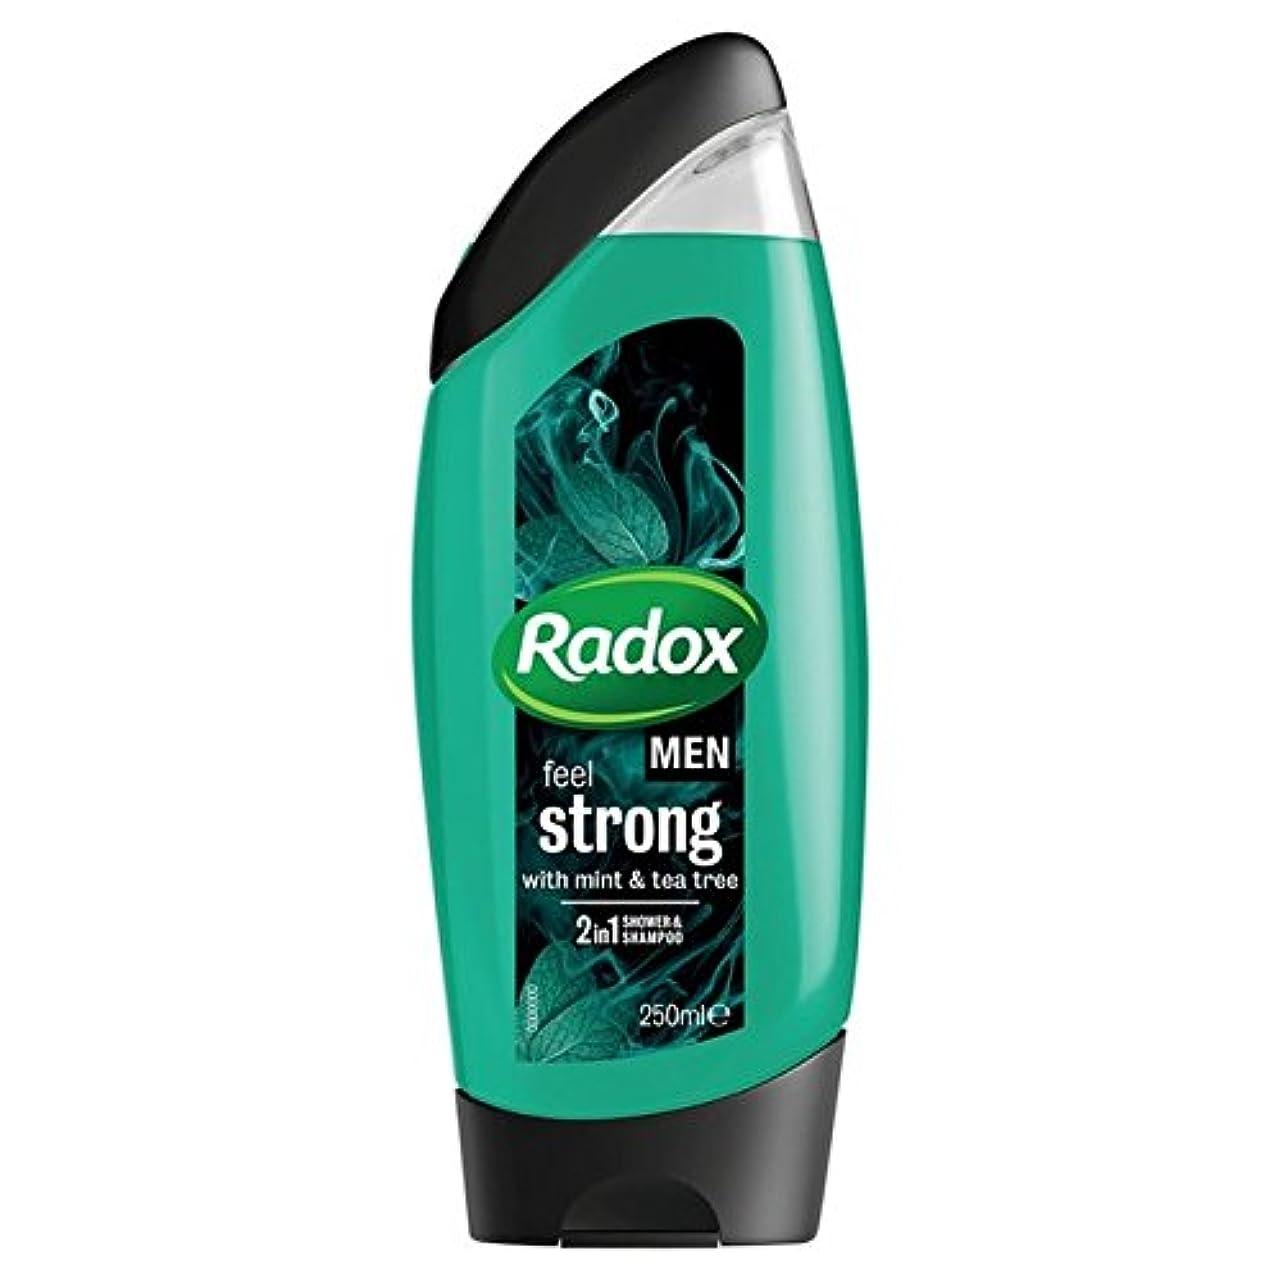 痴漢廃止放課後男性は、強力なミント&ティーツリーの21のシャワージェル250ミリリットルを感じます x2 - Radox Men Feel Strong Mint & Tea Tree 2in1 Shower Gel 250ml (Pack...